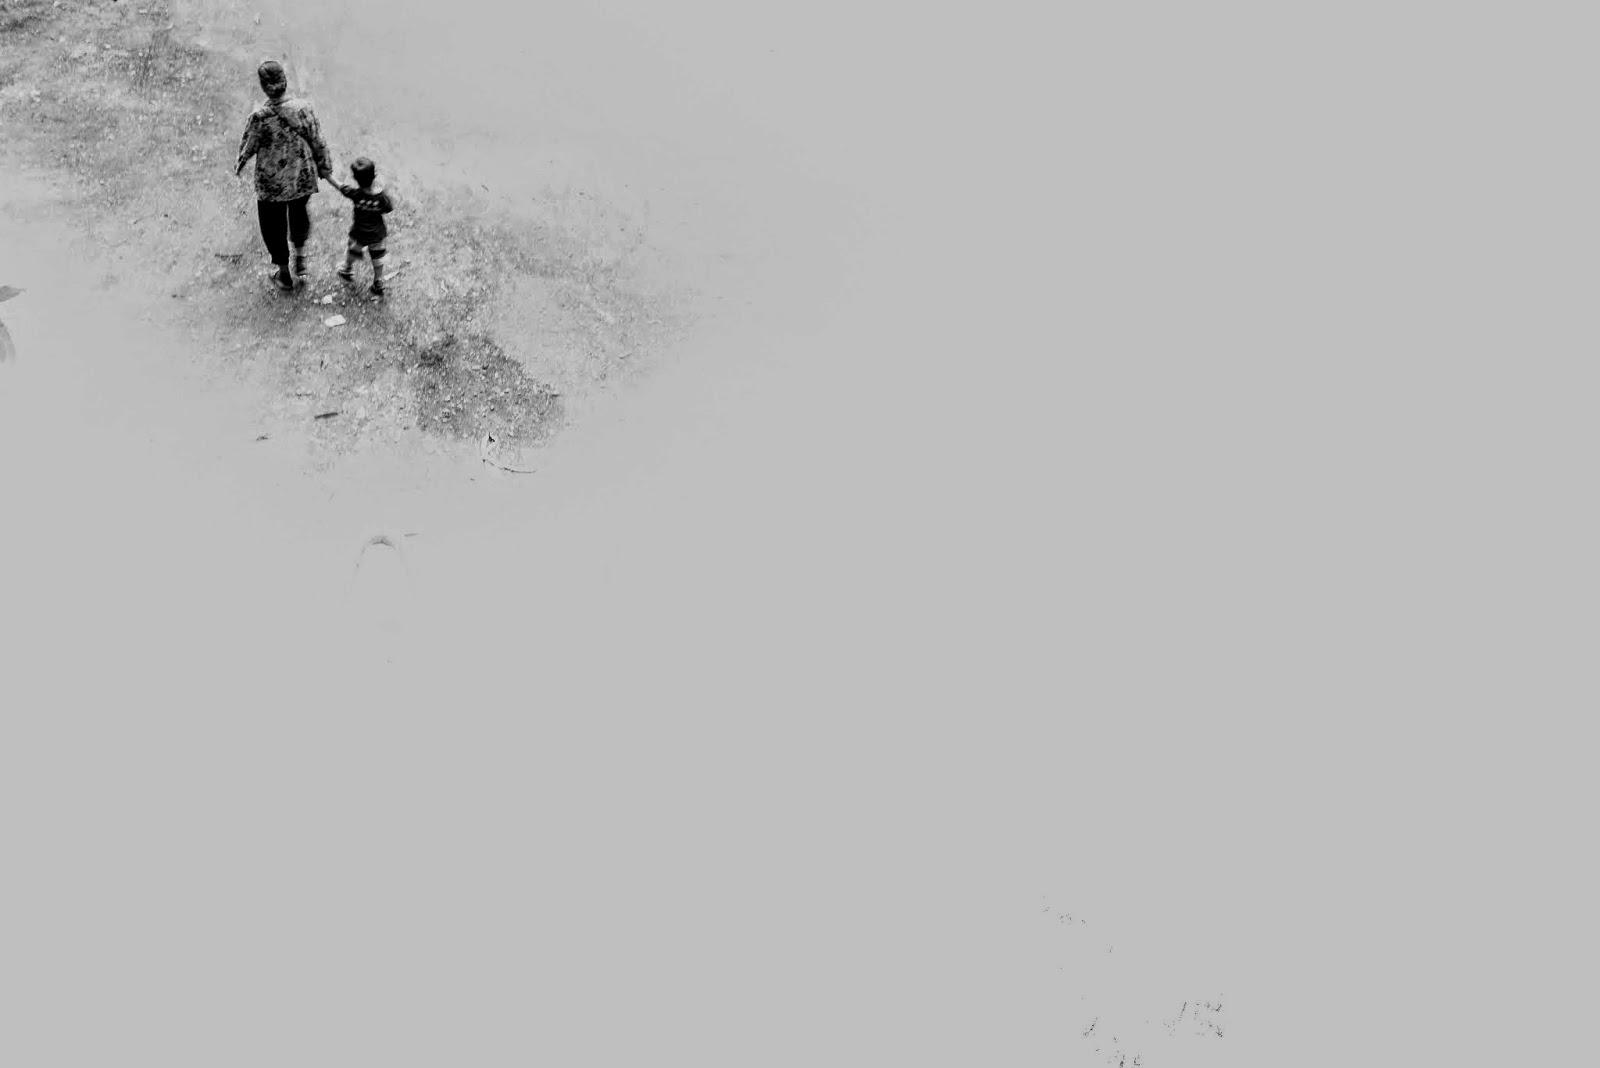 သစ္ေကာင္းအိမ္ – ေငြလေရာင္ရဲ႕ တိမ္းေရွာင္သူ (အပုိင္း – ၅)